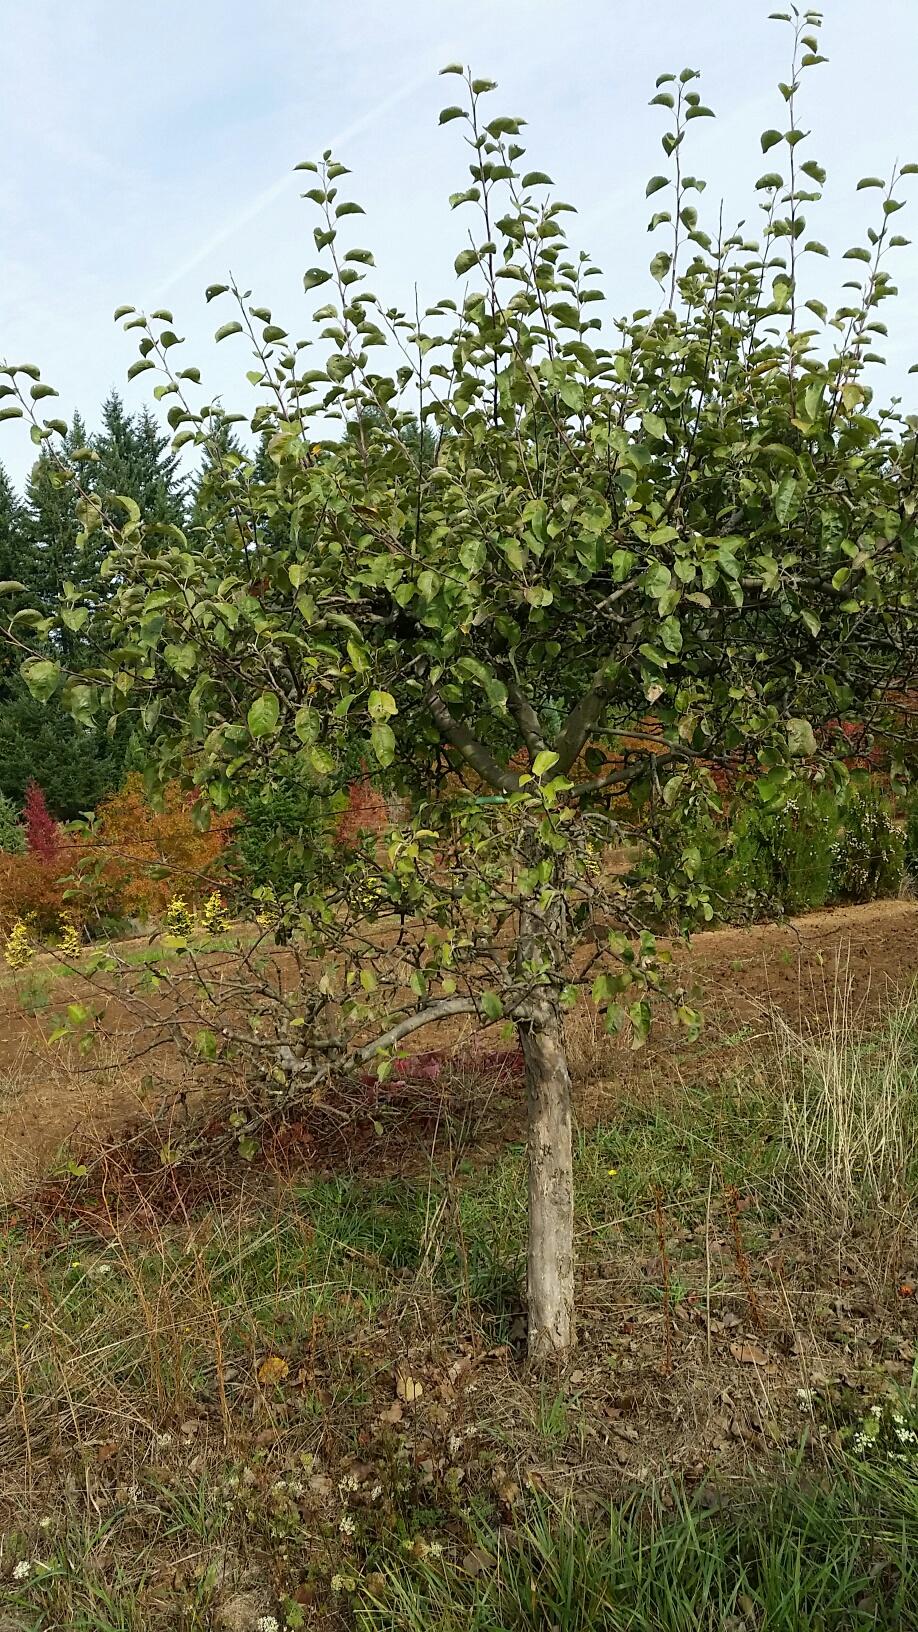 Apple 'Spartan' specimen